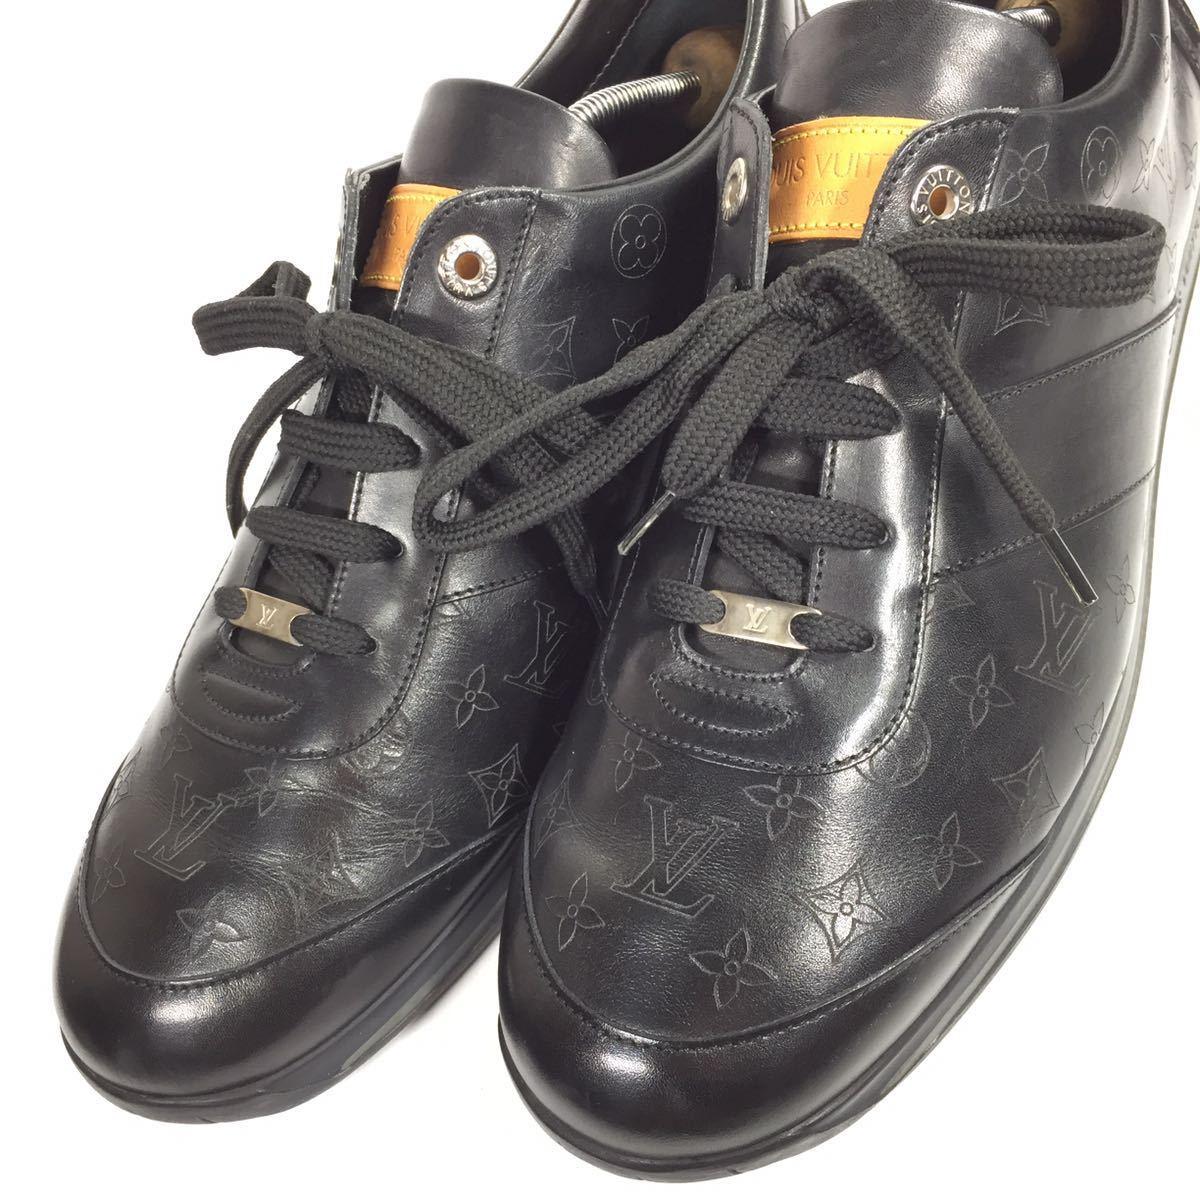 【ルイヴィトン】本物 LOUIS VUITTON 靴 28cm 黒 モノグラム スニーカー カジュアルシューズ 本革 レザー 男性用 メンズ イタリア製 9 1/2_画像8